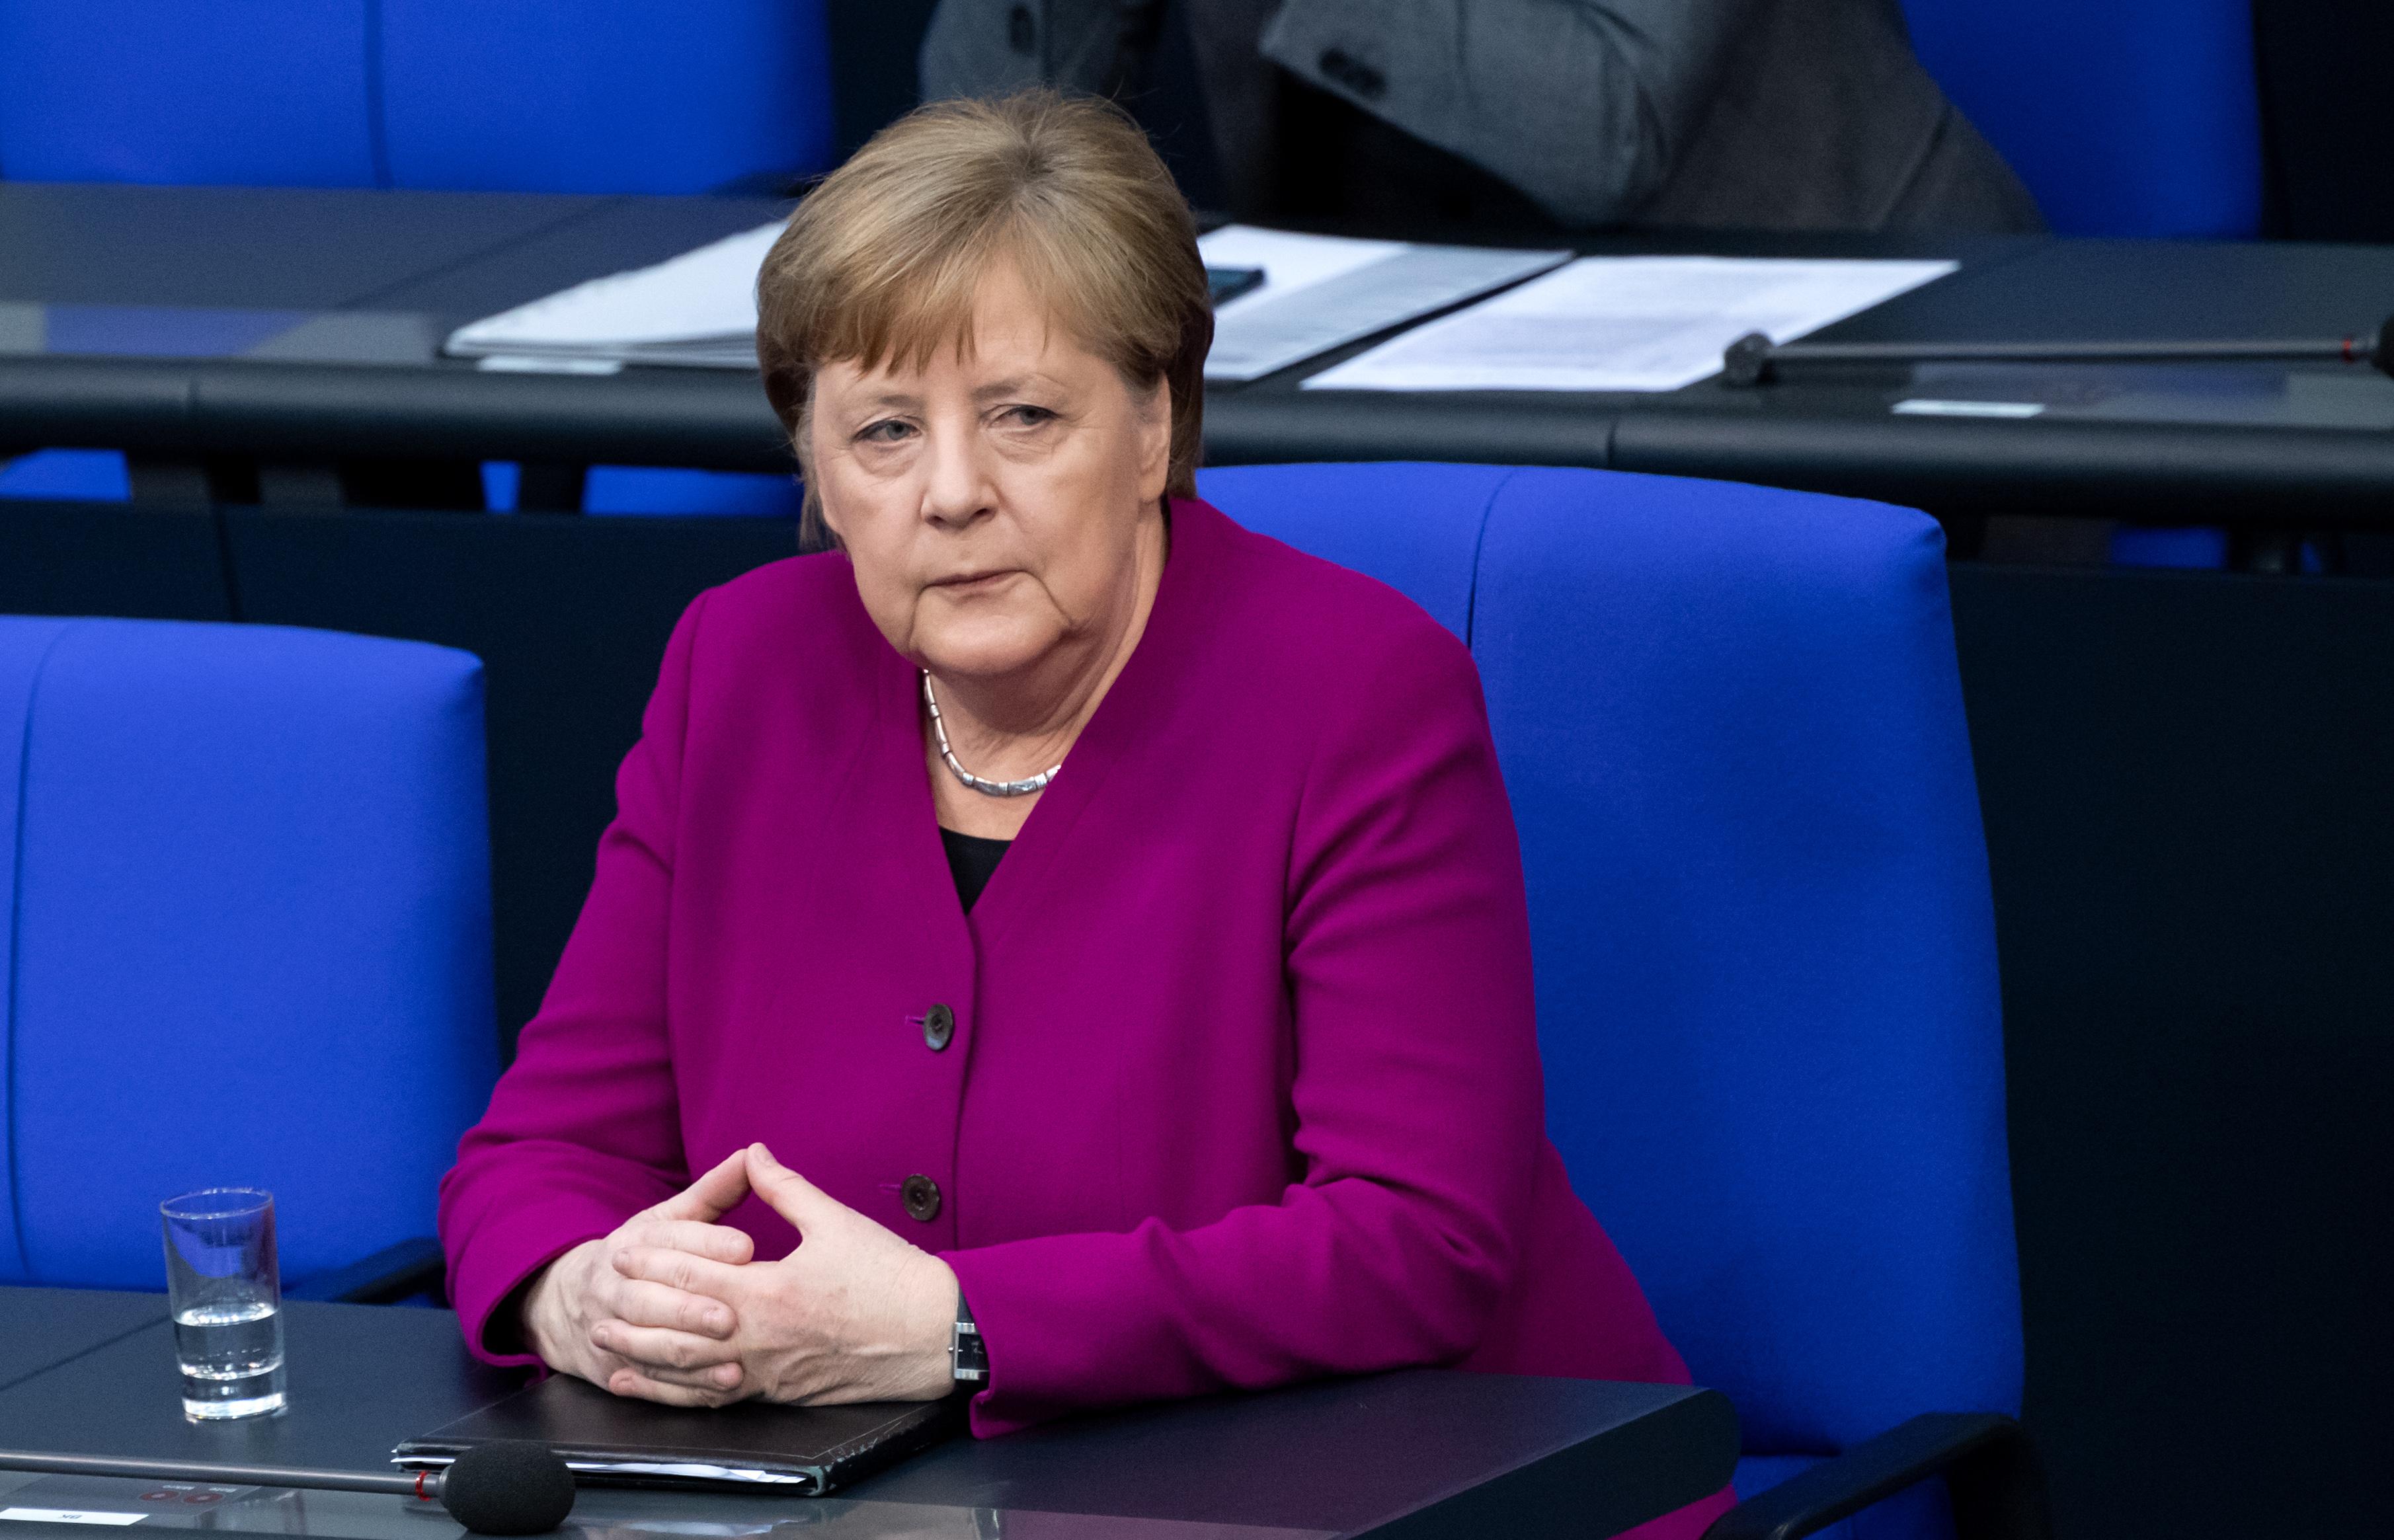 Merkel nem tervez személyesen megjelenni a washingtoni G7-csúcson